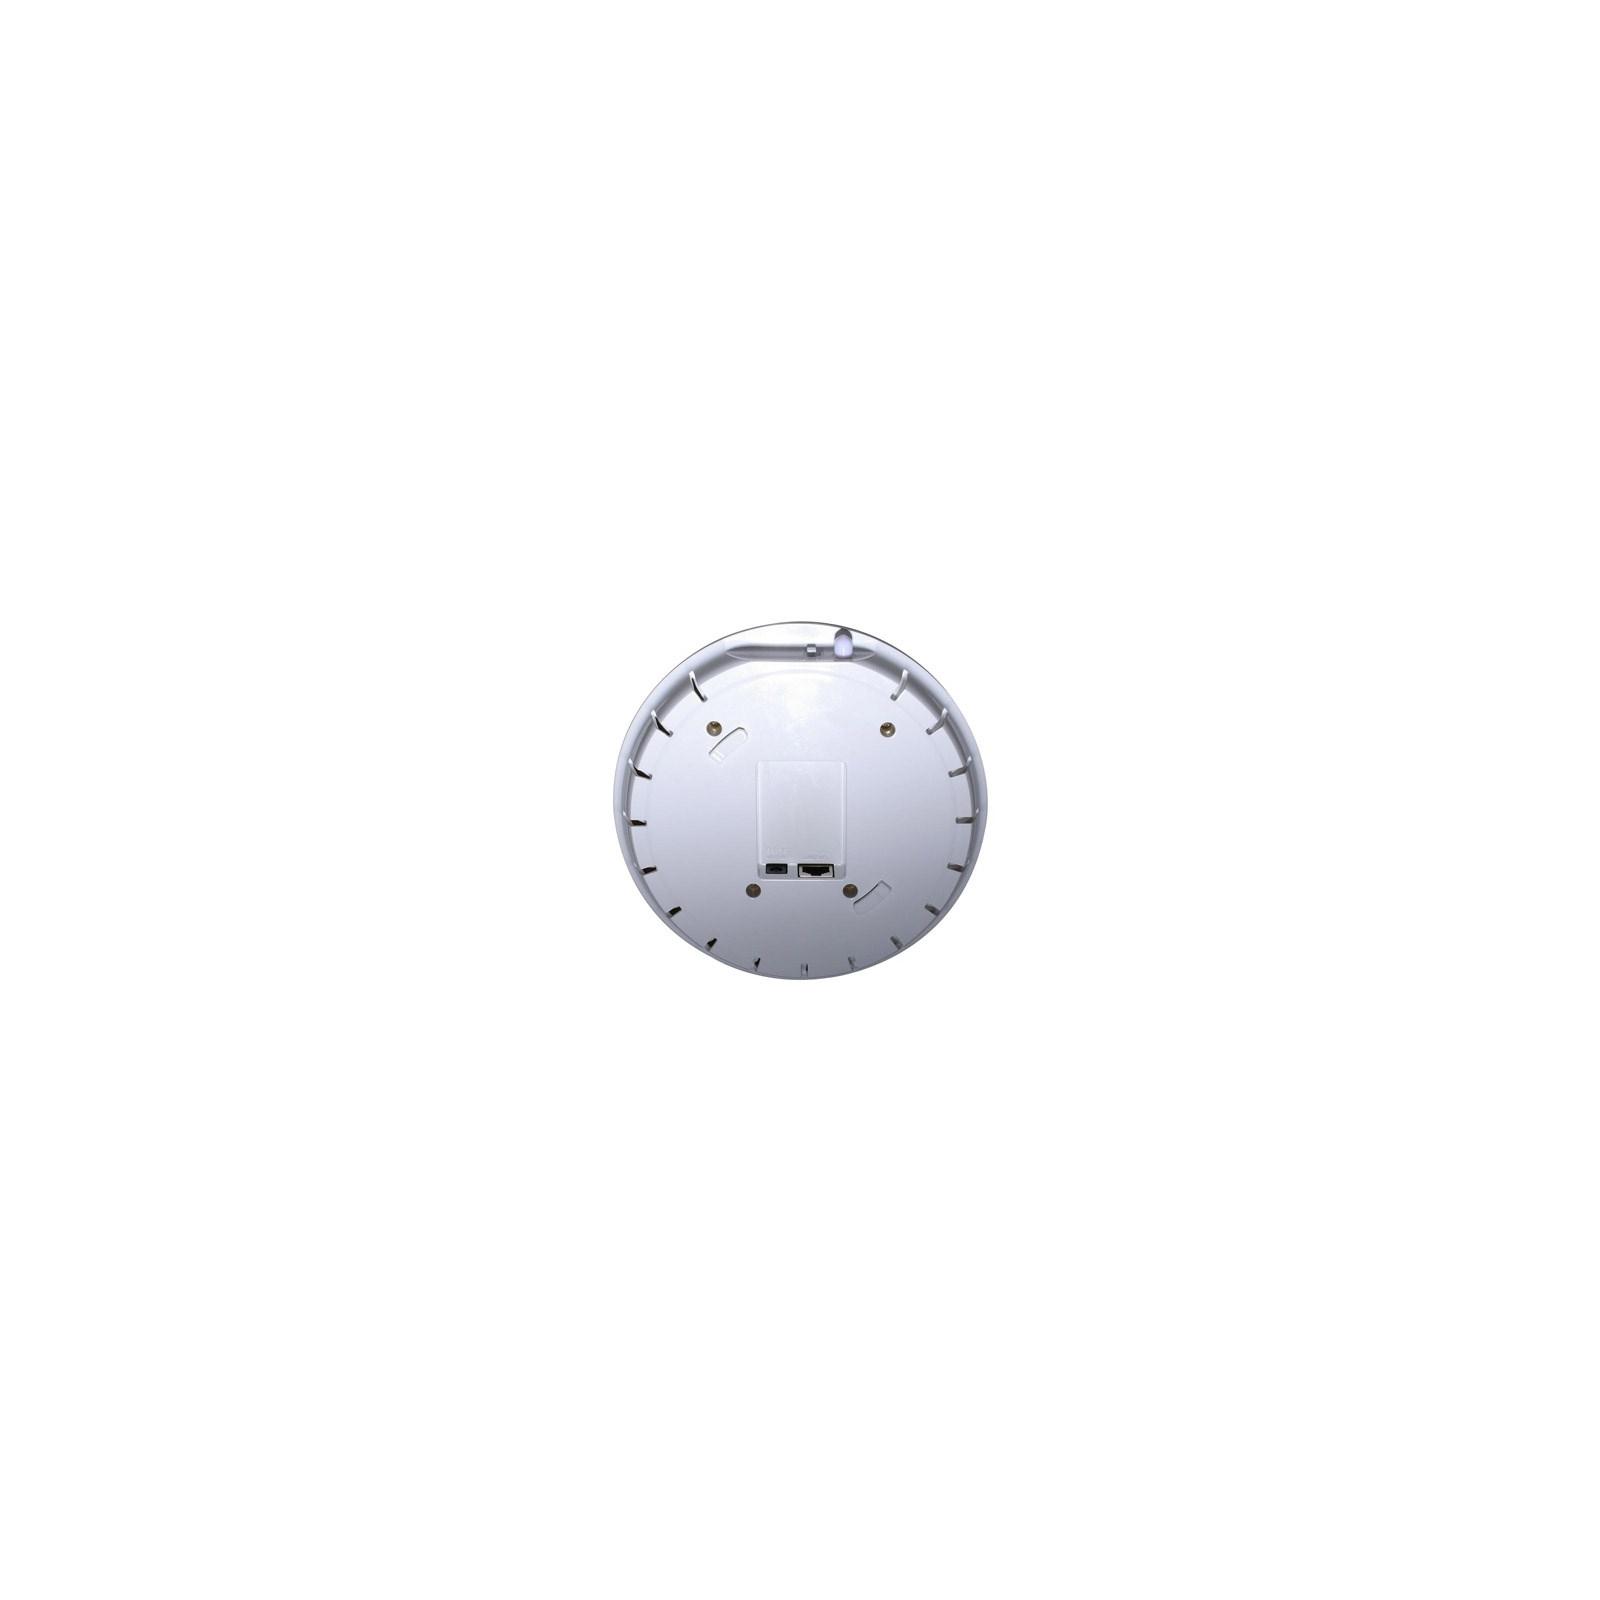 Точка доступа Wi-Fi D-Link DWL-3260AP изображение 2